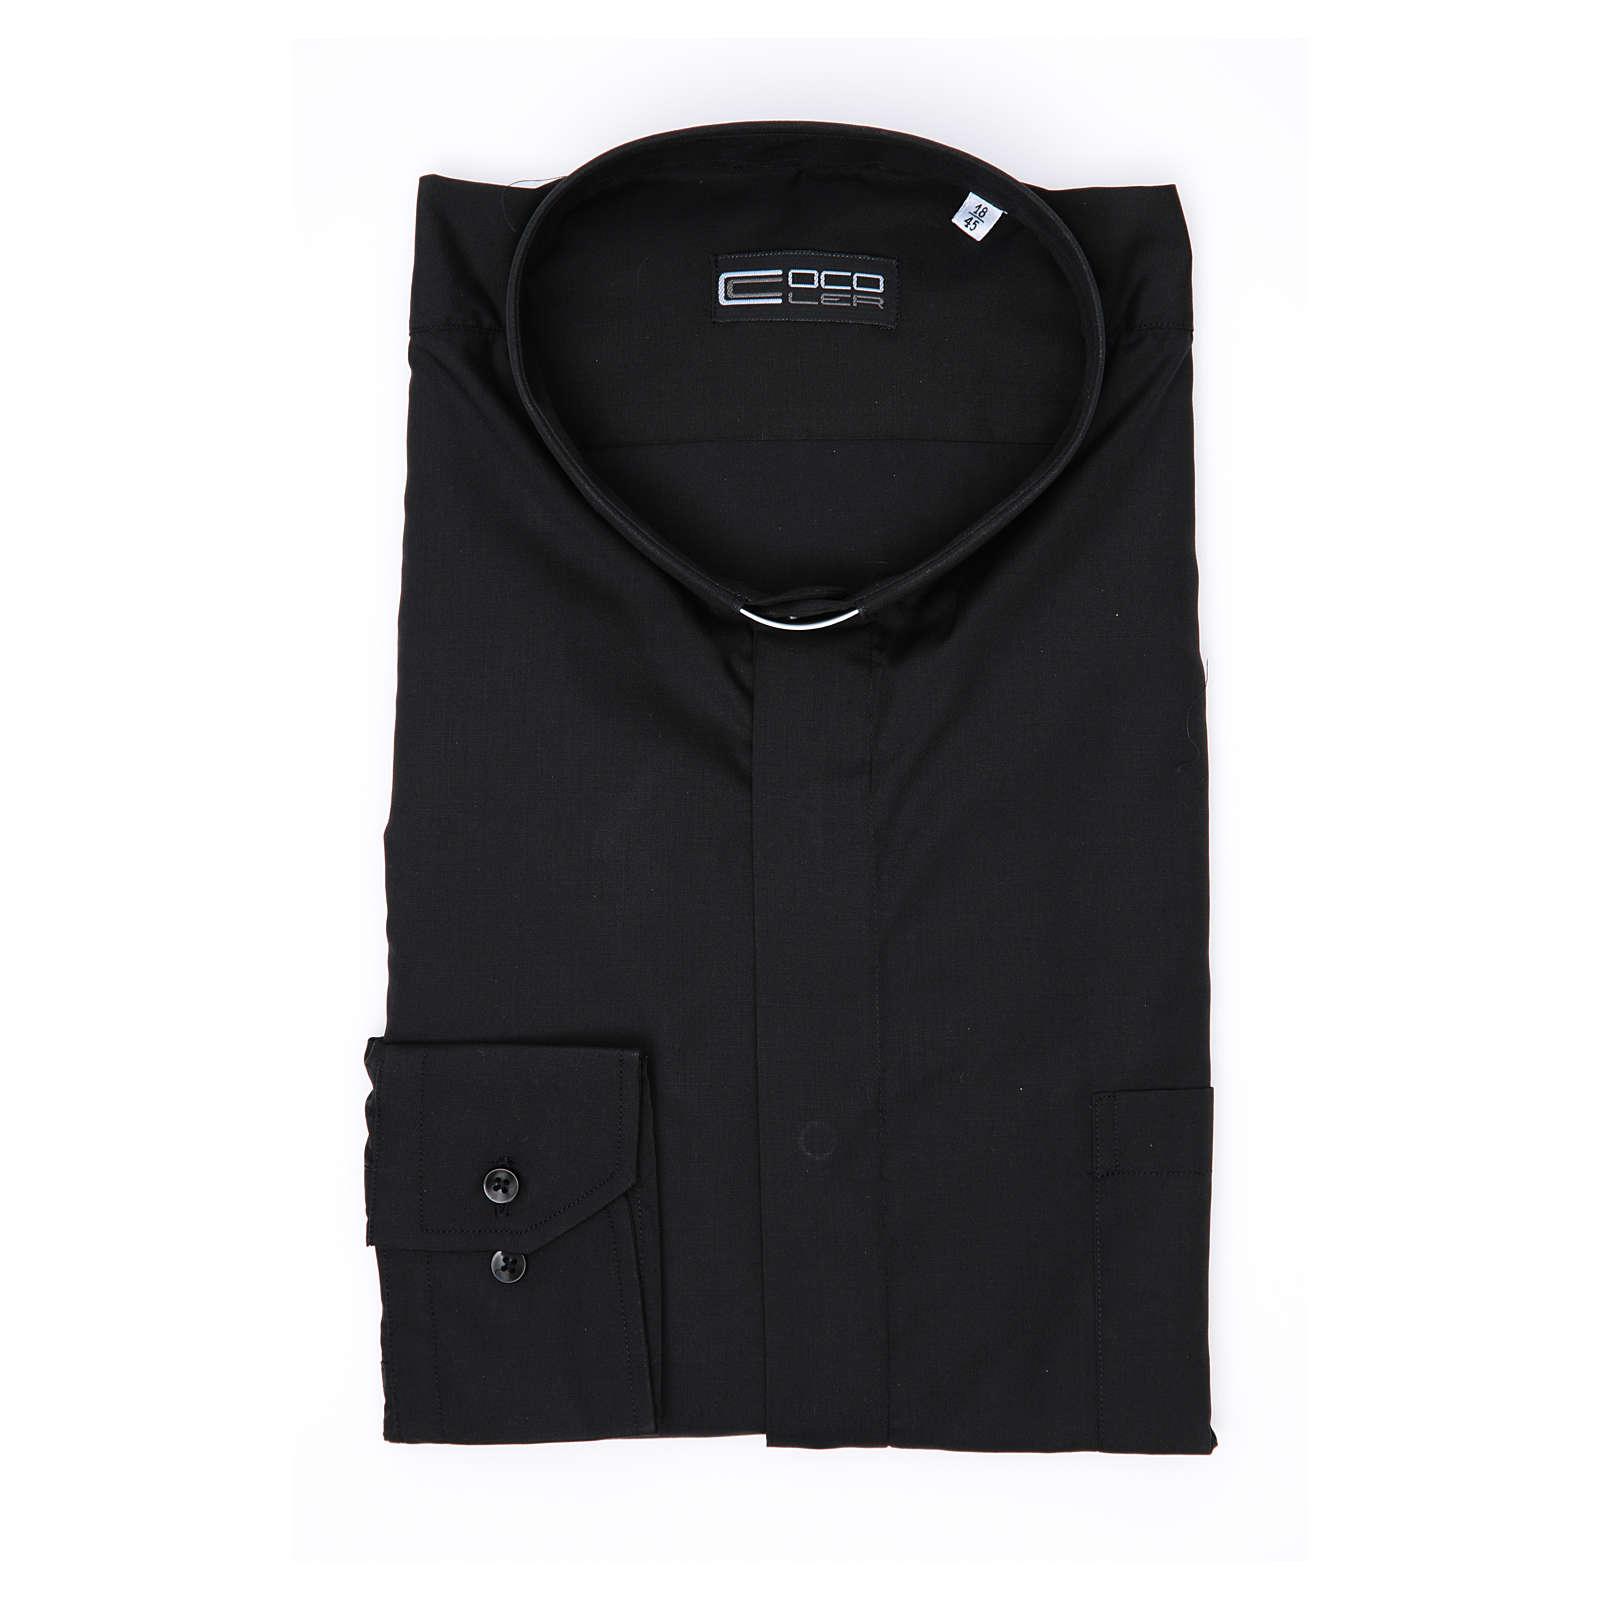 Koszula kapłańska długi rękaw, bawełna mieszana czarna 4